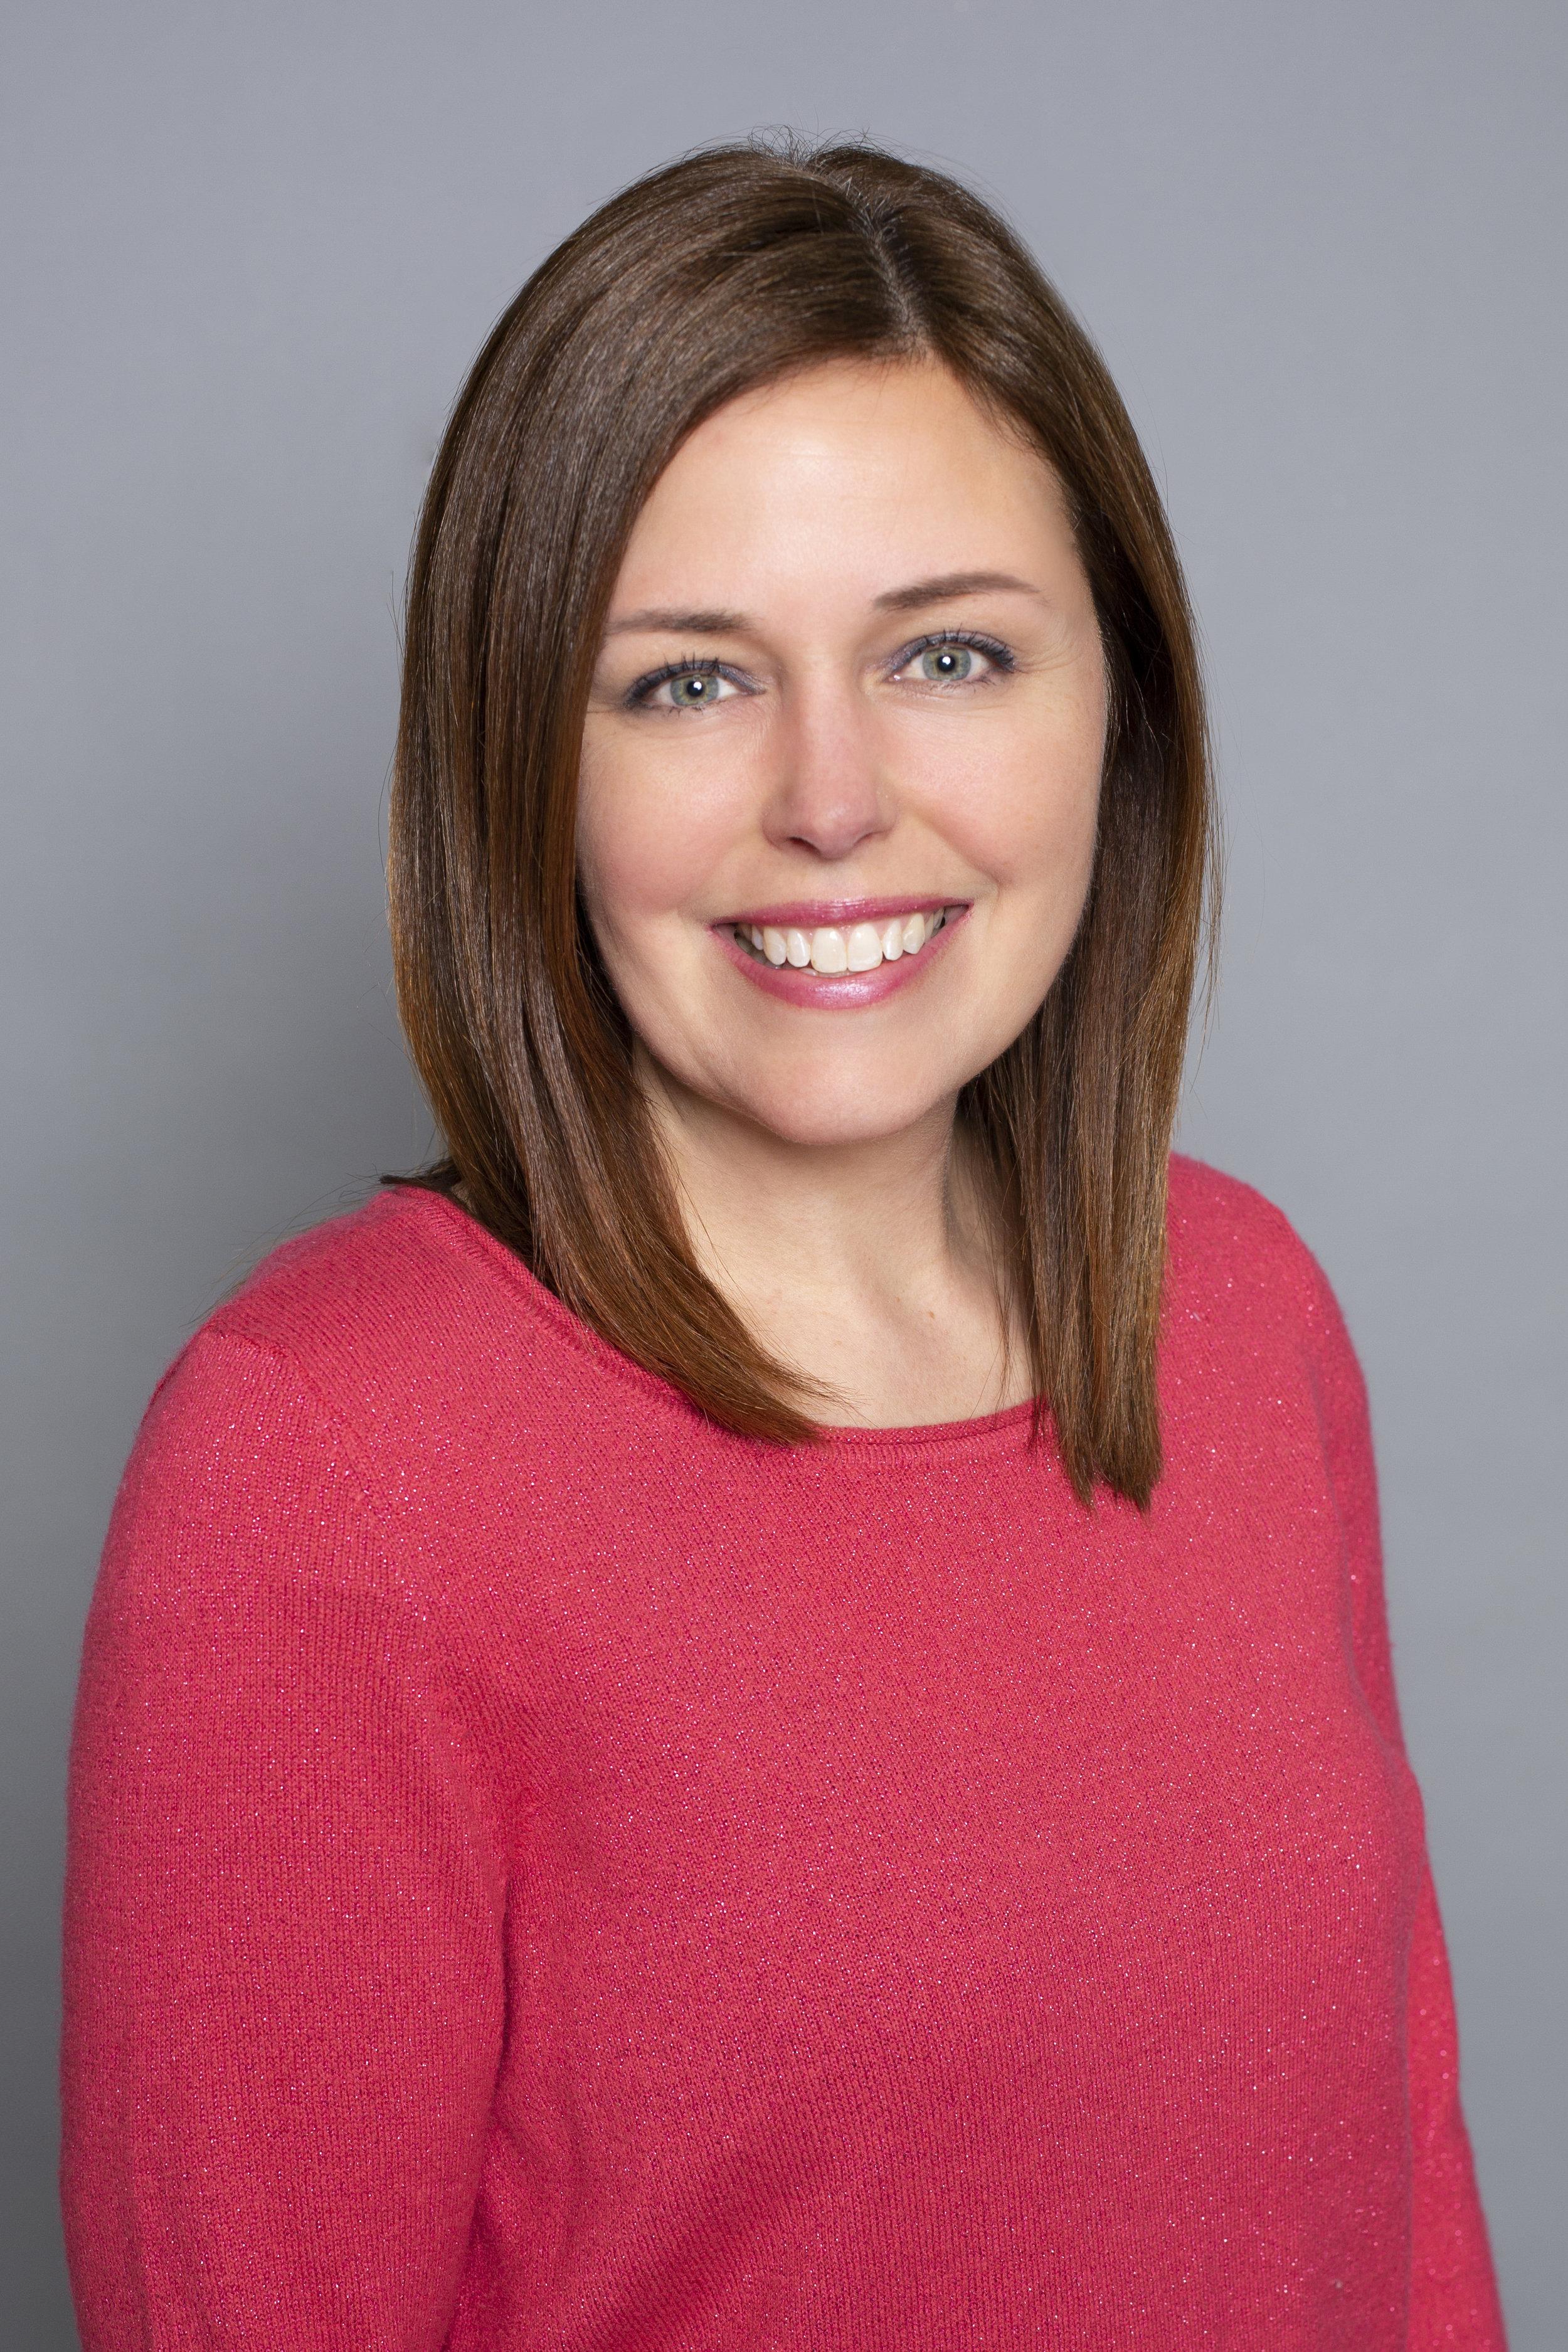 Teri Greer, WHNP